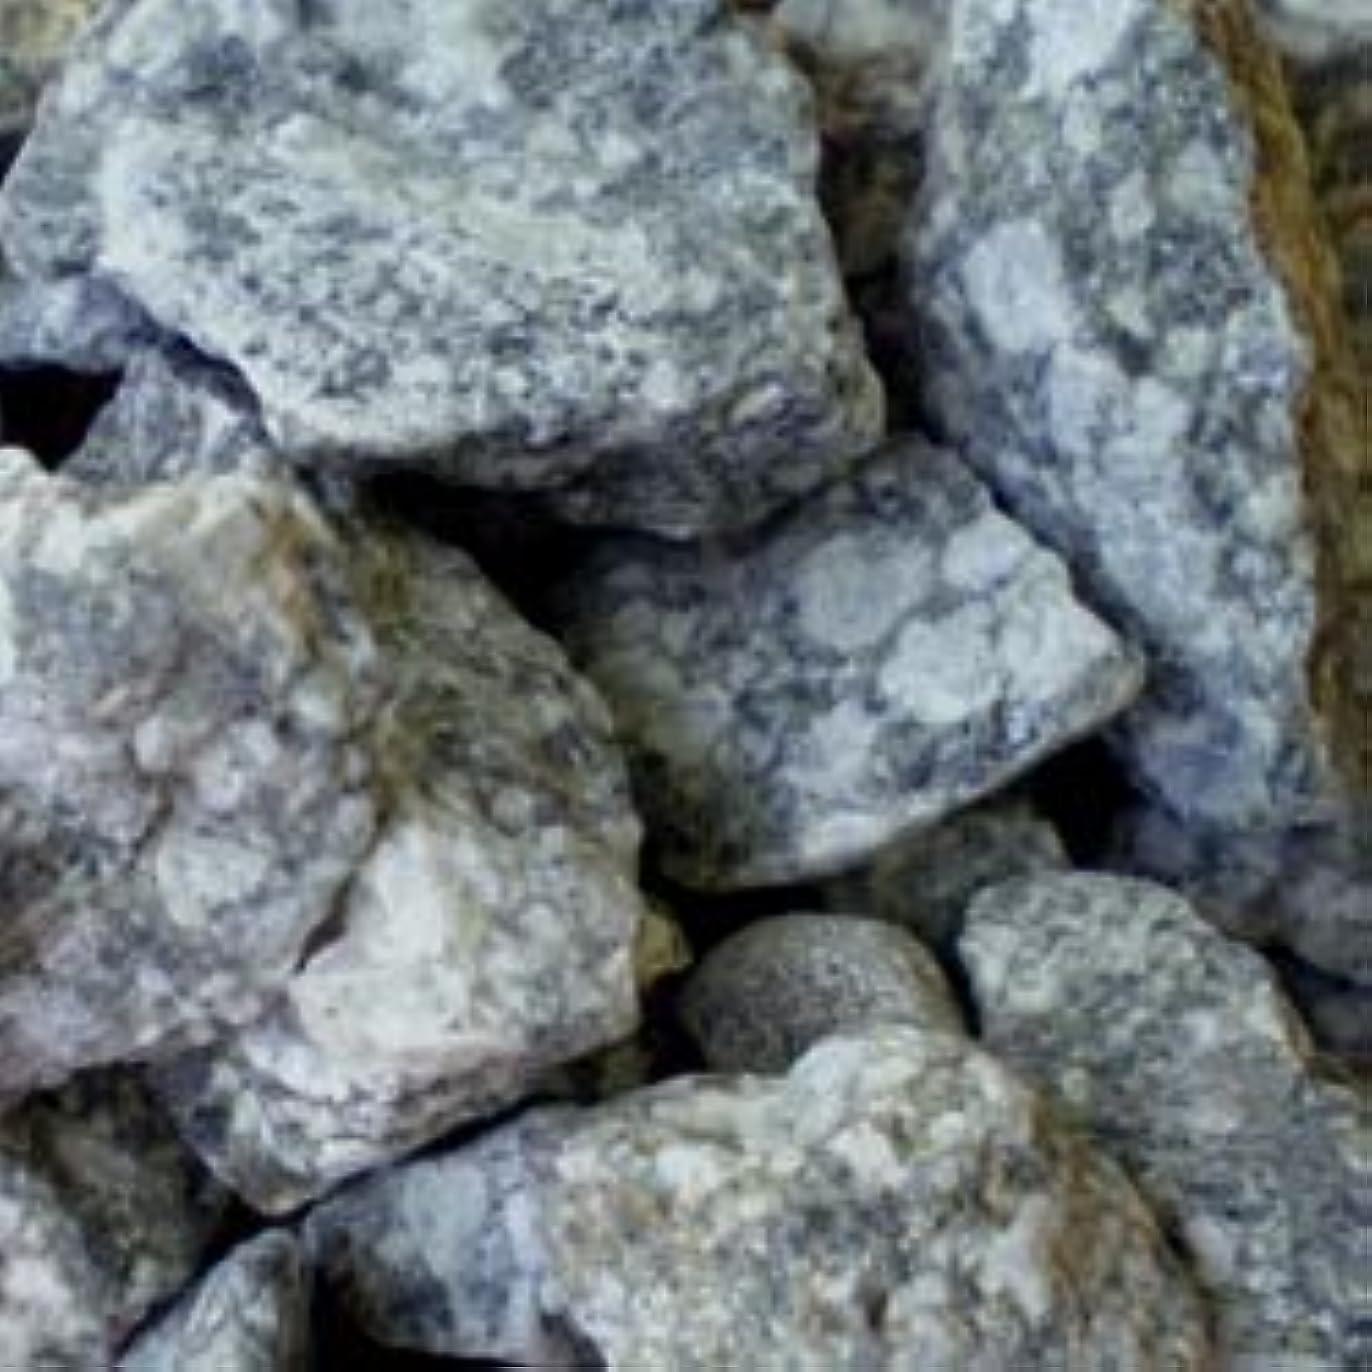 罰する致死パーツ麦飯石 原石 2000g(サイズ10-30mm) (1000g/2袋セット)